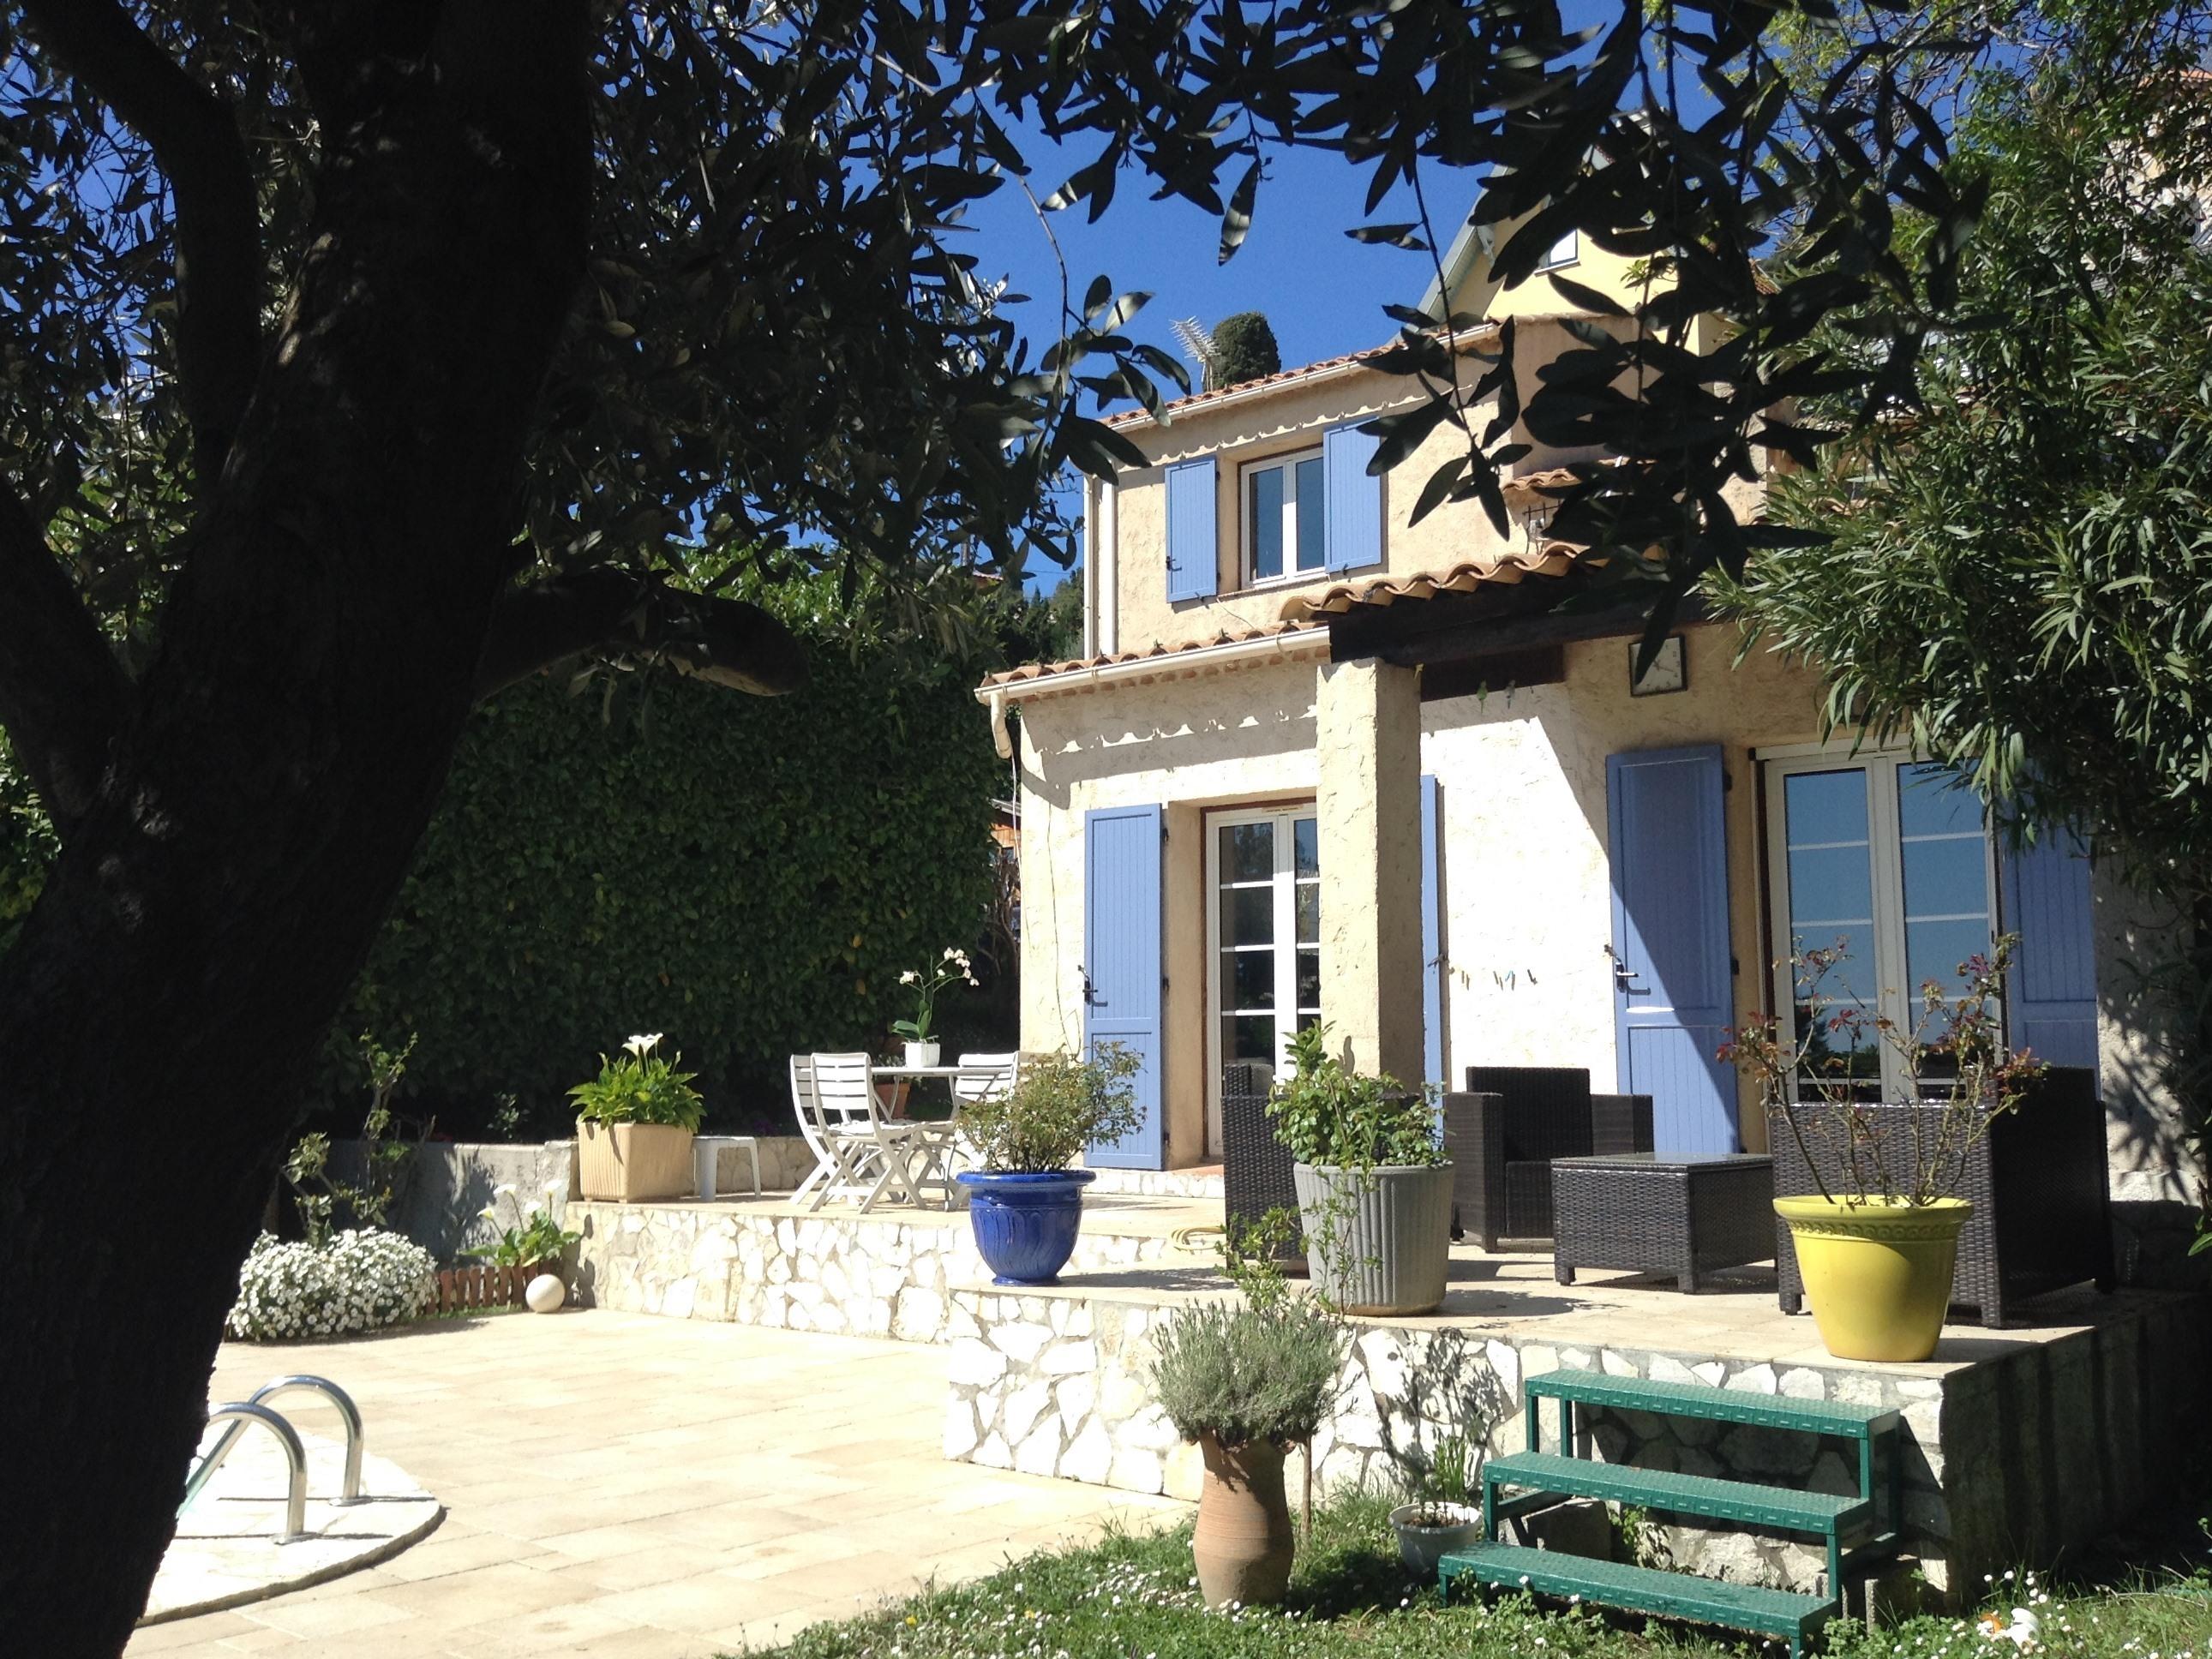 Salle De Bain Provencale villa provencale, la turbie, france - toproomscom